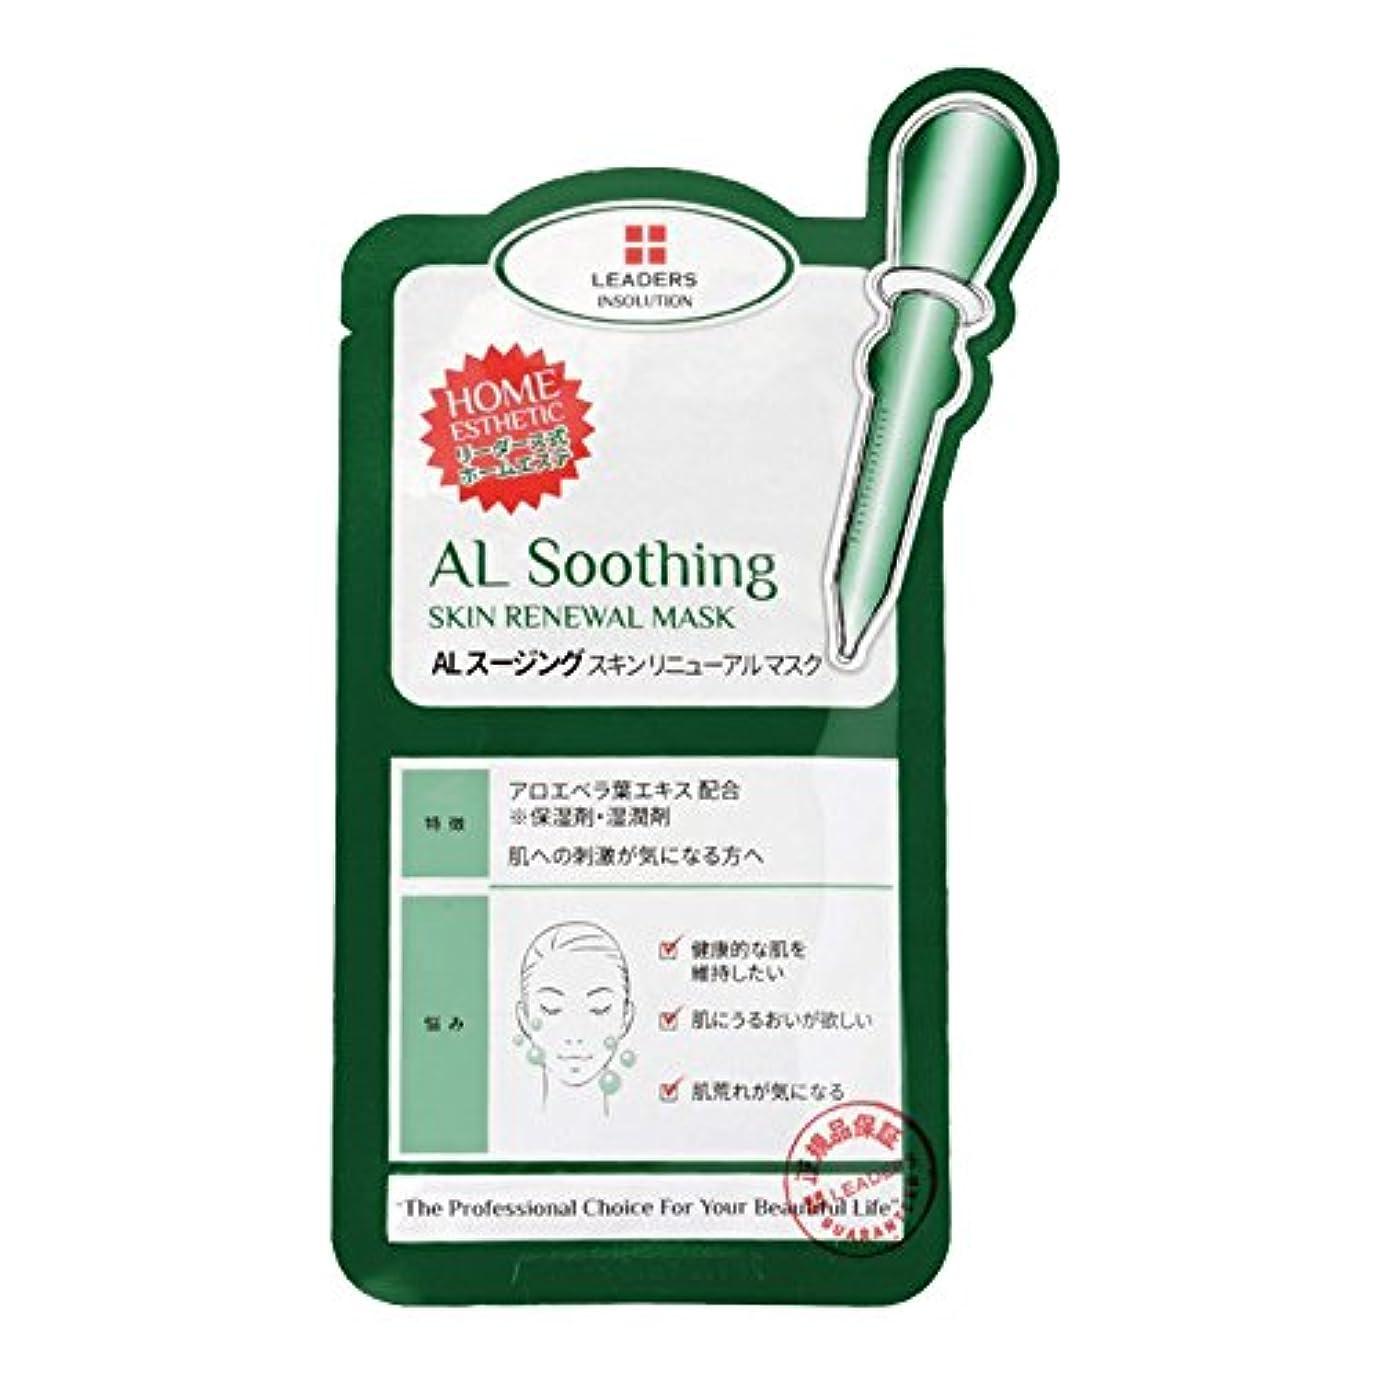 理論的耐えられない香ばしい日本限定版 国内正規品 LEADERS リーダース アロエスージング スキンリニュアル マスク 1枚 25ml 敏感肌 保湿